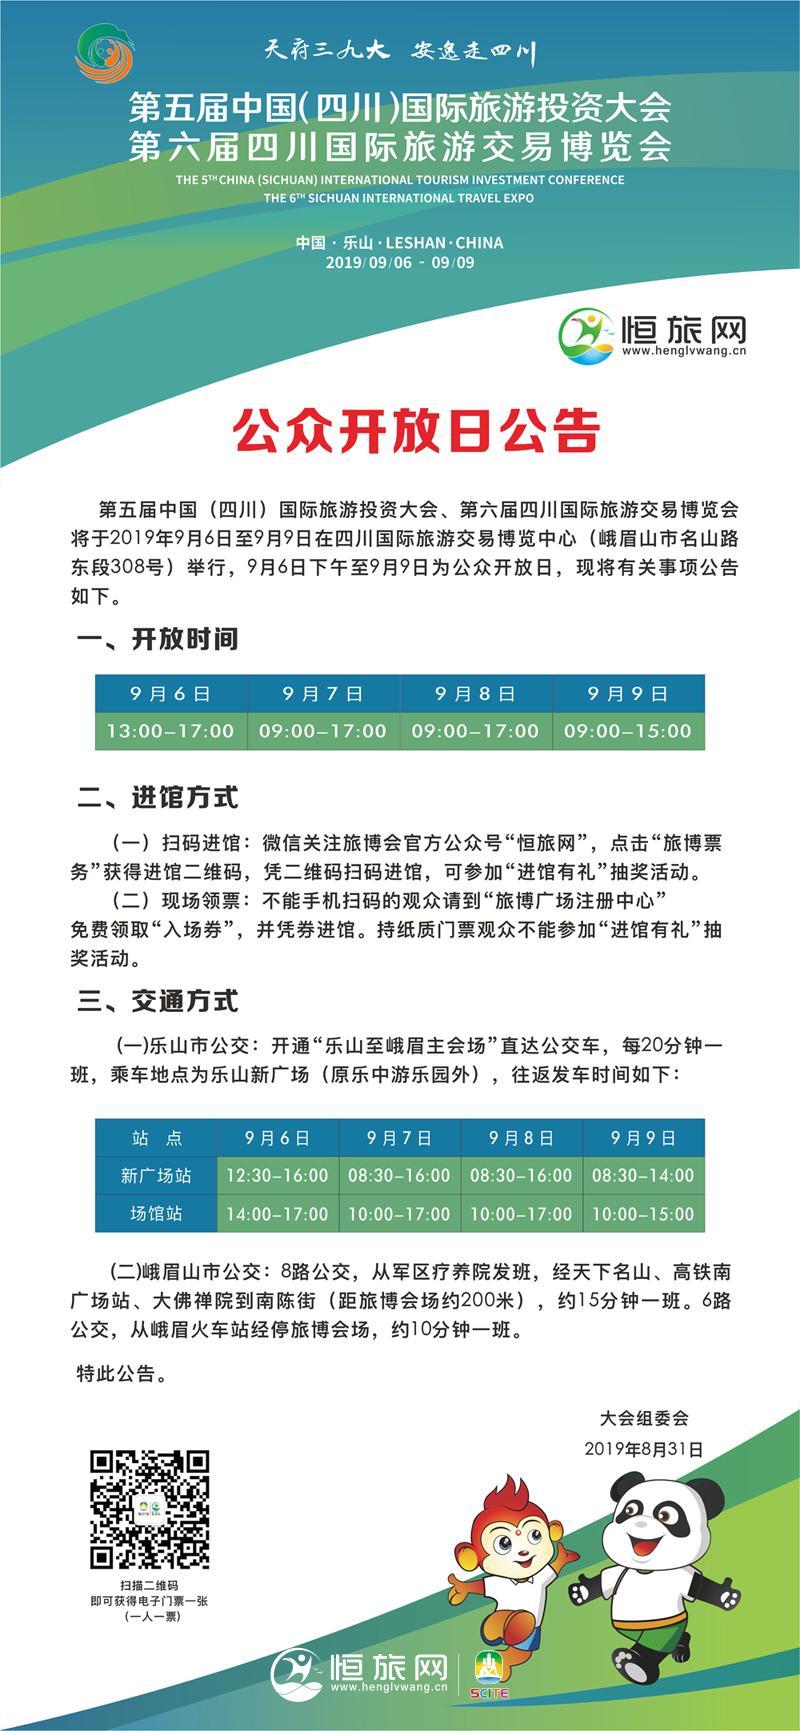 第五届中国(四川)国际旅游投资大会、第六届四川国际旅游交易博览会公众开放日公告